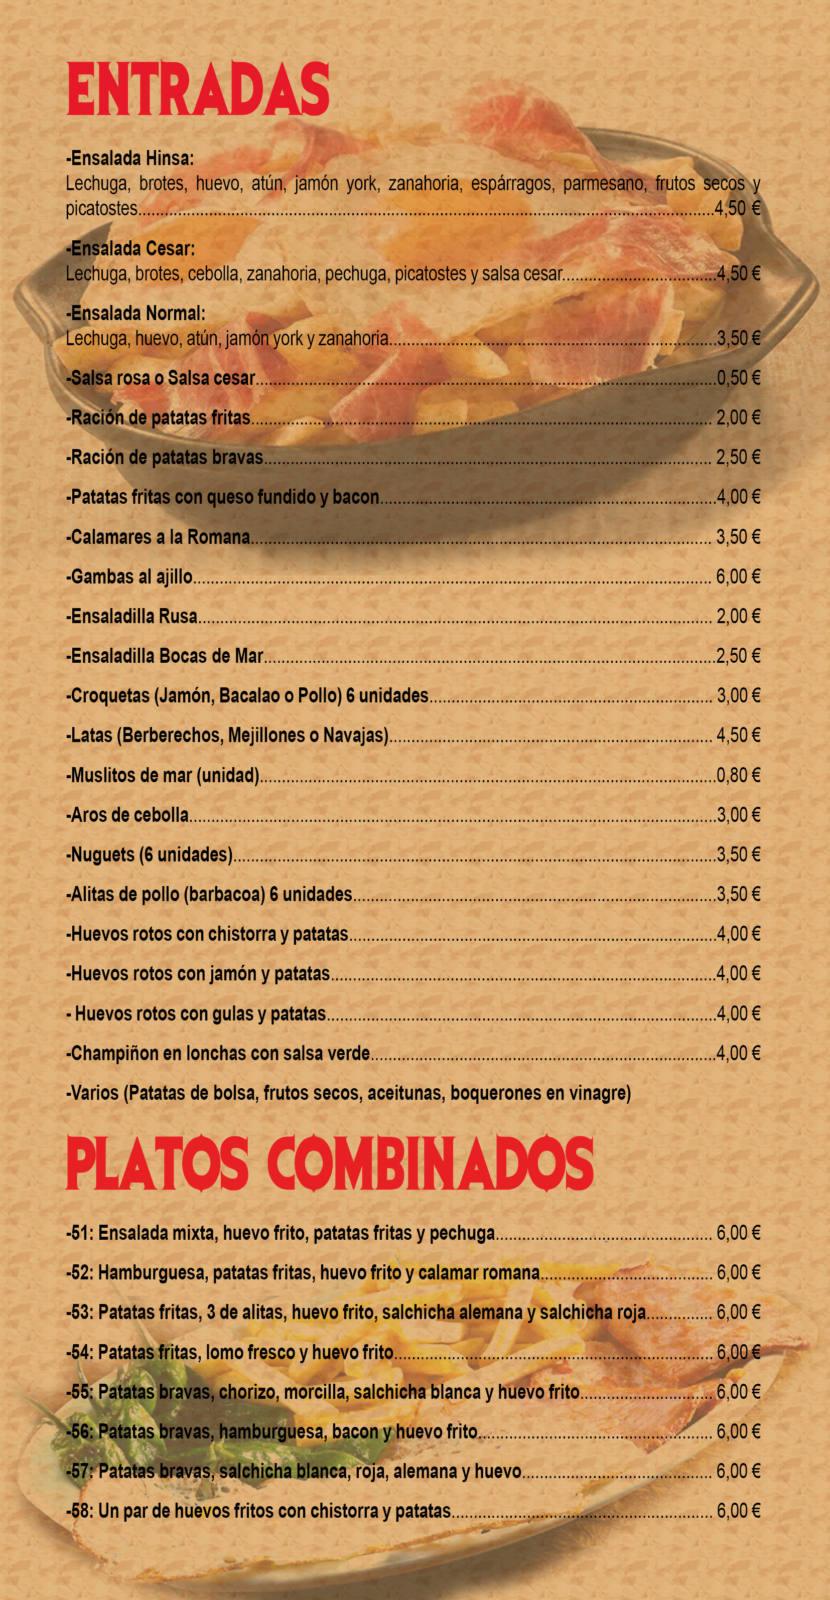 carta de menu - entradas y platos combinados